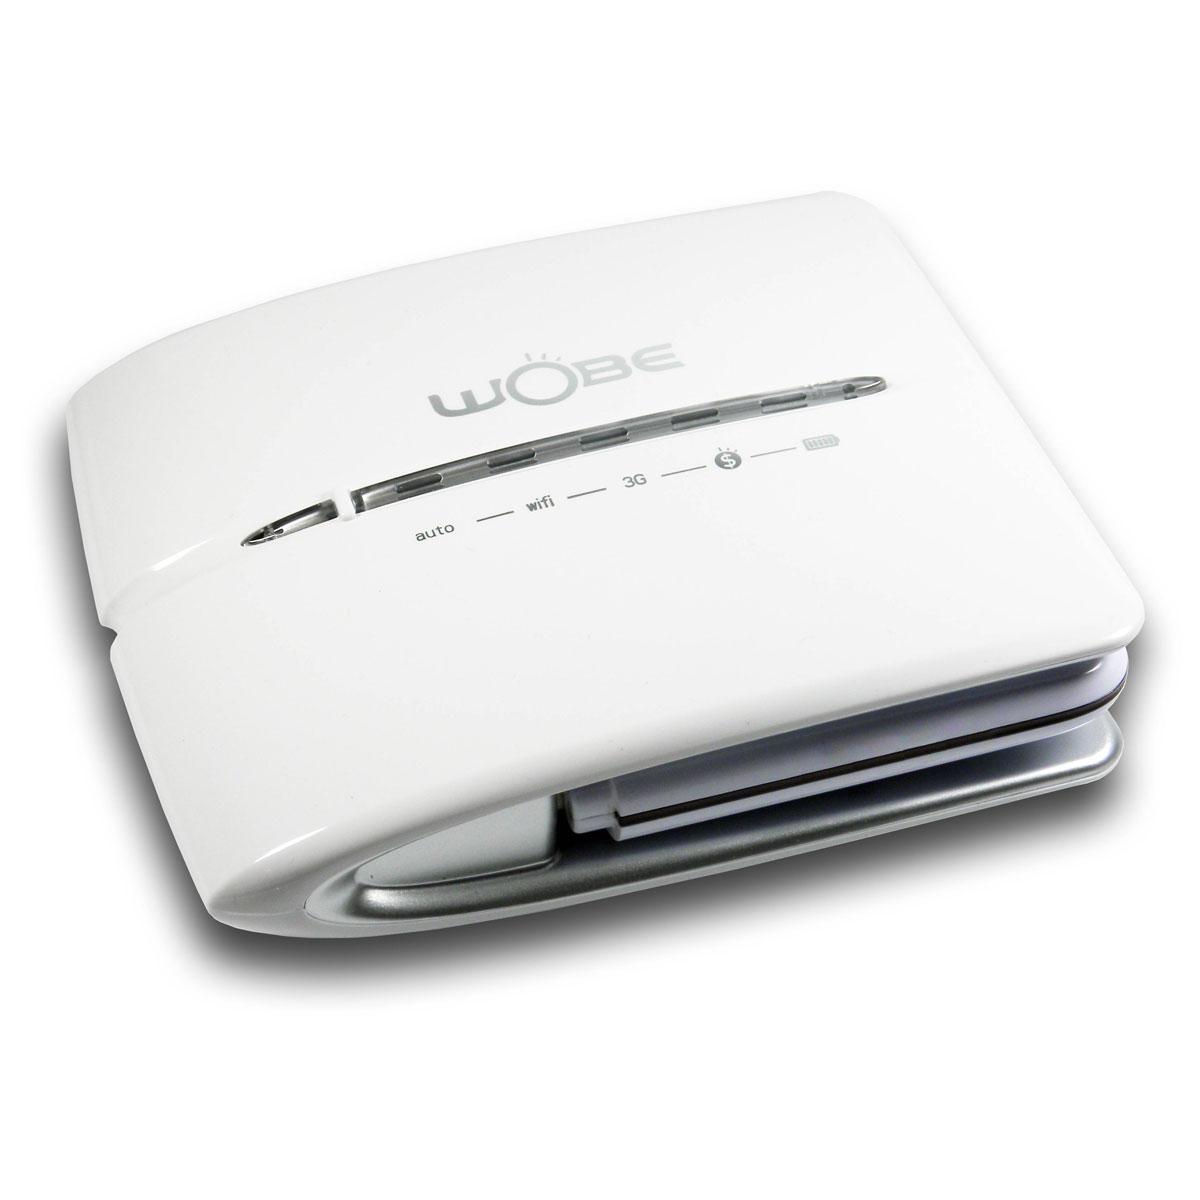 Modem & routeur LEA Wobe Routeur 3G USB et WiFi N